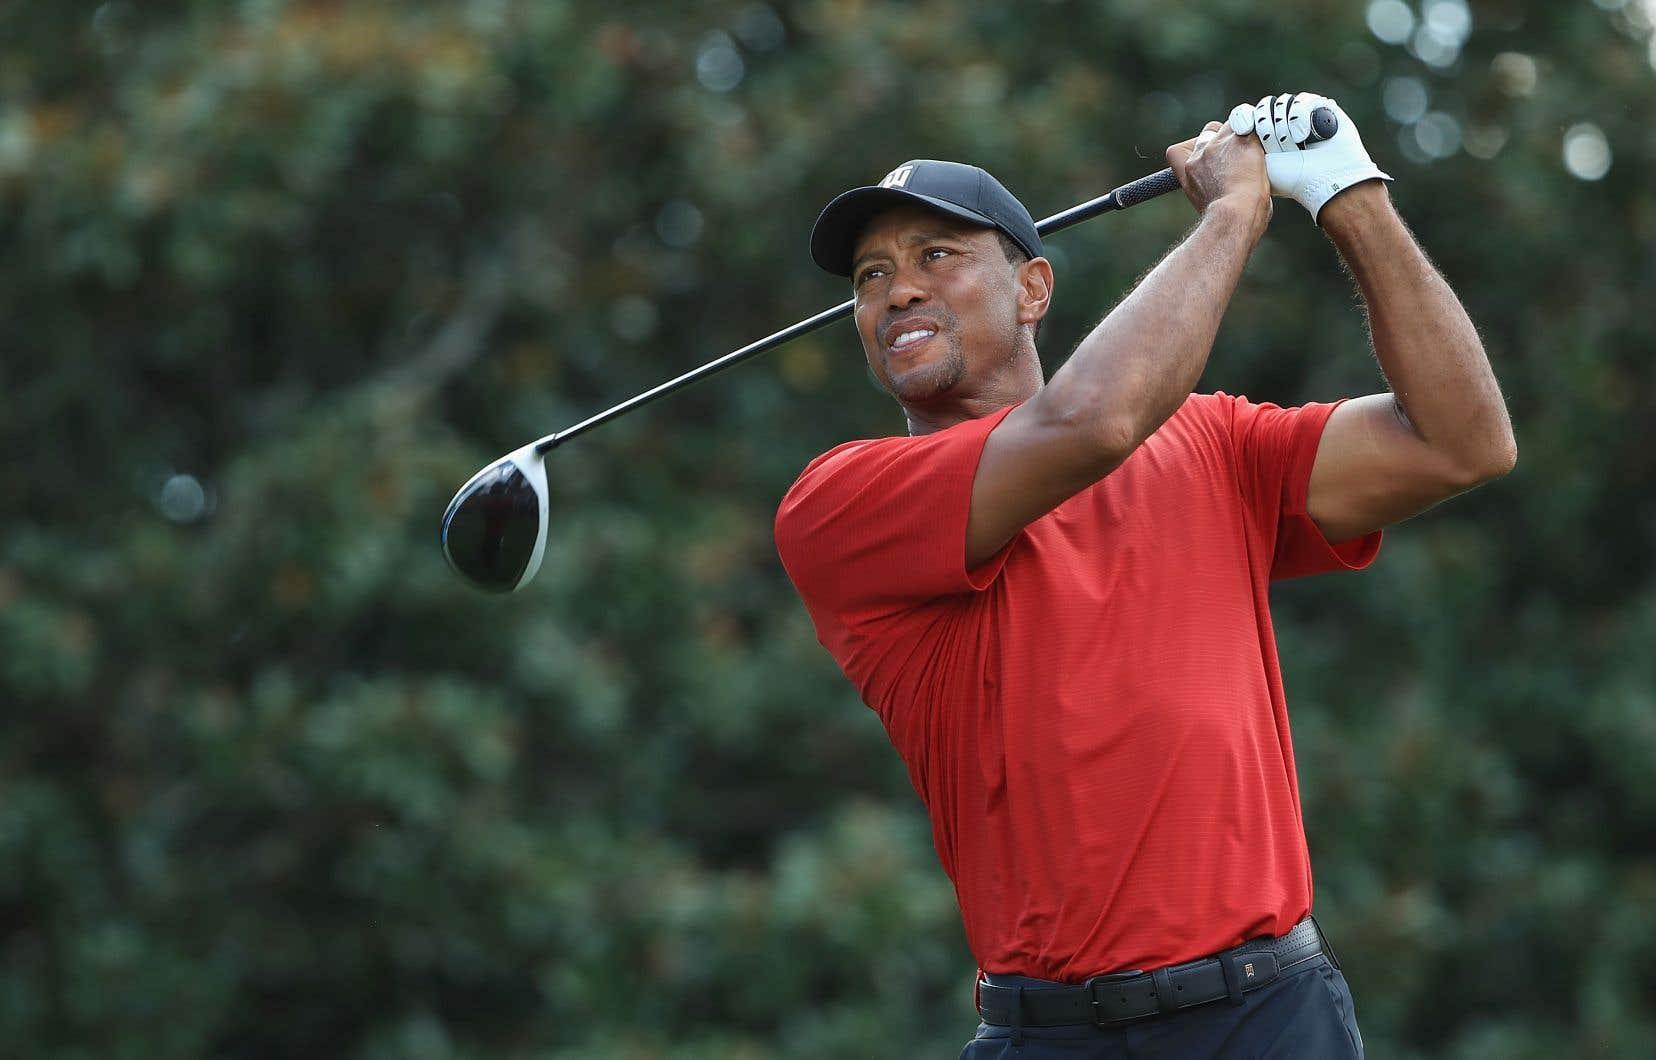 «Même en rêve, je ne pensais pas pouvoir me retrouver dans ma situation actuelle», a admis Tiger Woods.